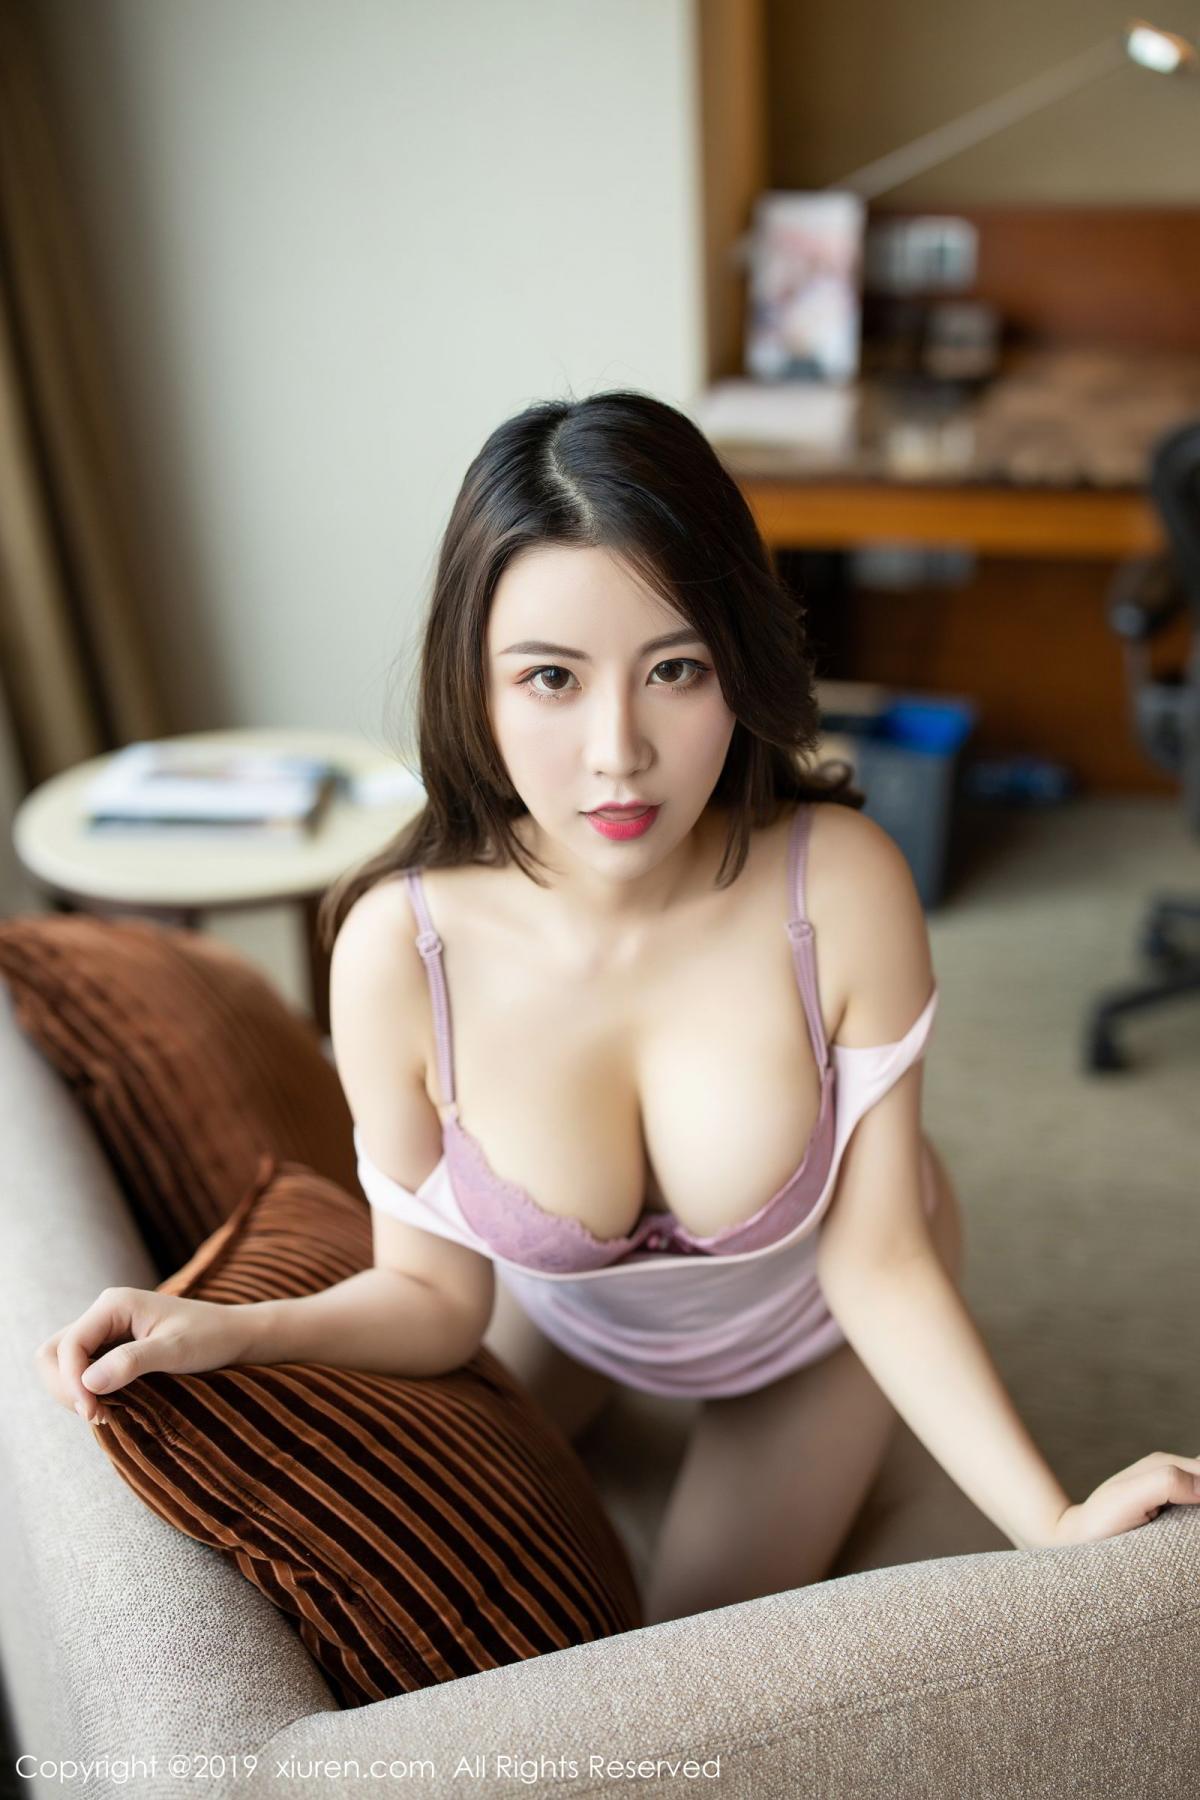 [XiaoYu] Vol.1697 Xie Zhi Xin 27P, Home, Sexy, XiaoYu, Xie Zhi Xin